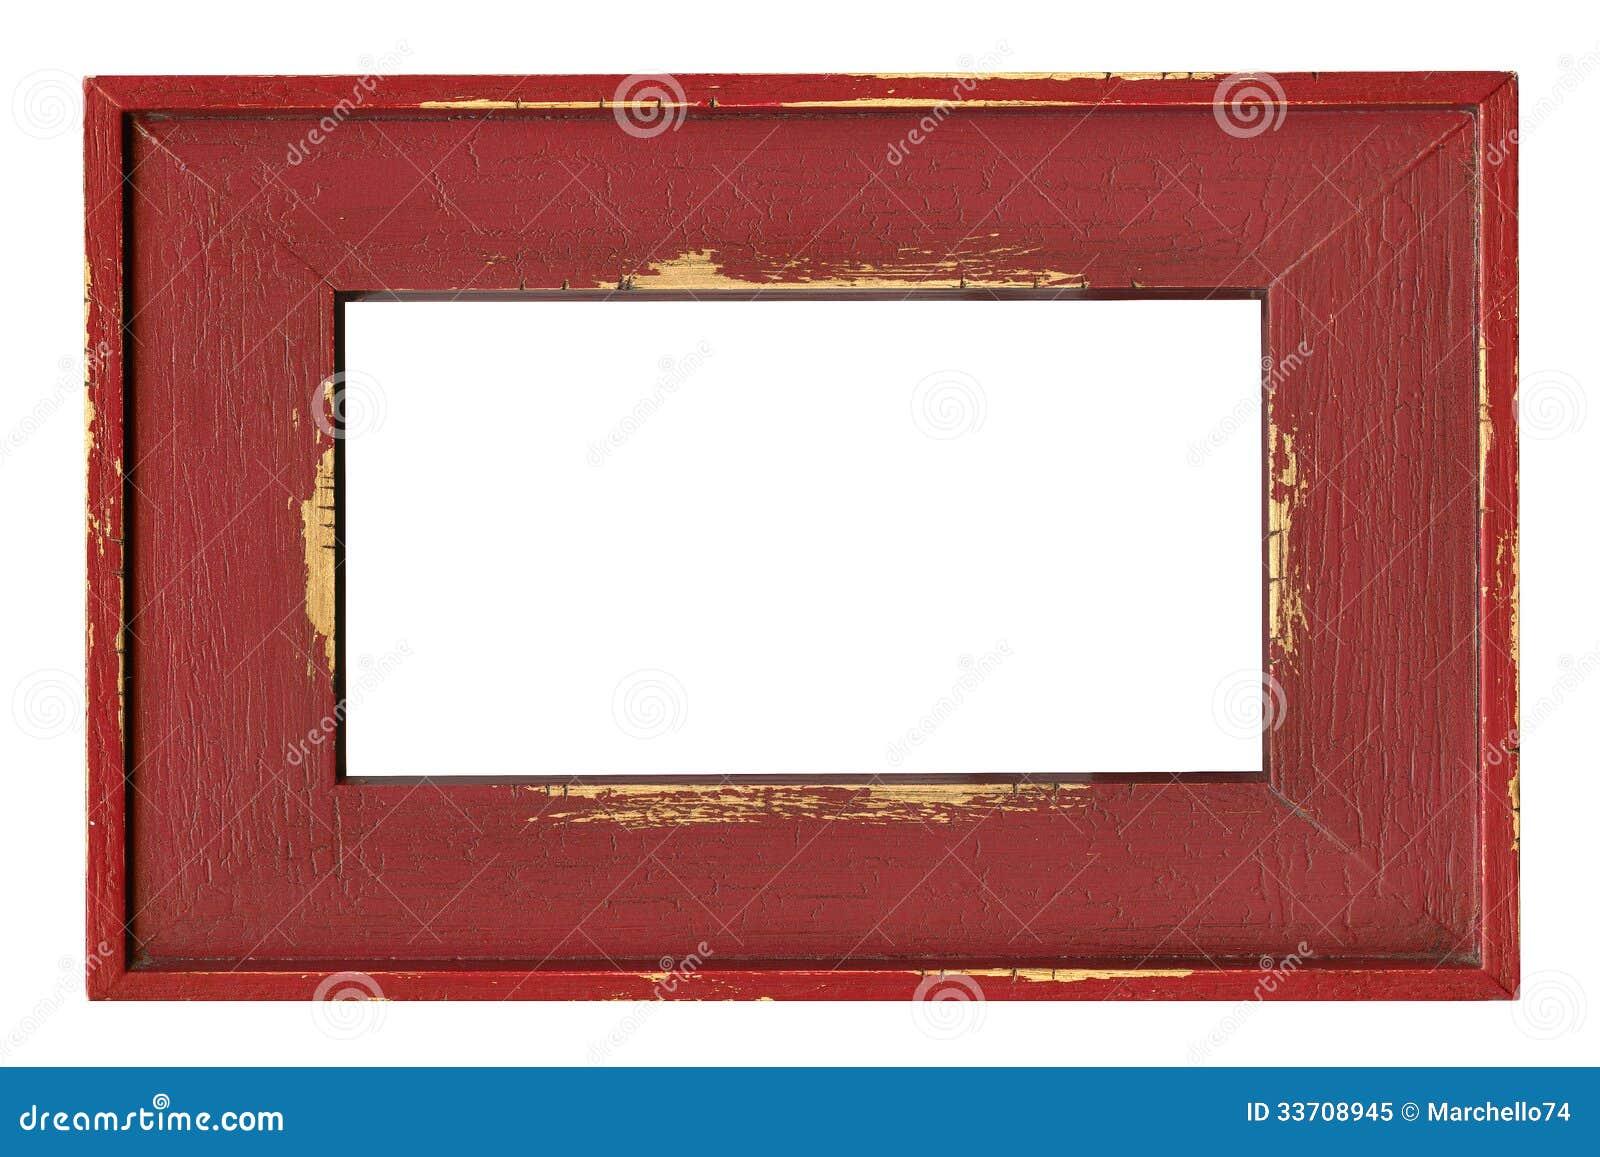 Holz Gemalter Rahmen Lokalisiert Auf Weiß Stockbild - Bild von ...